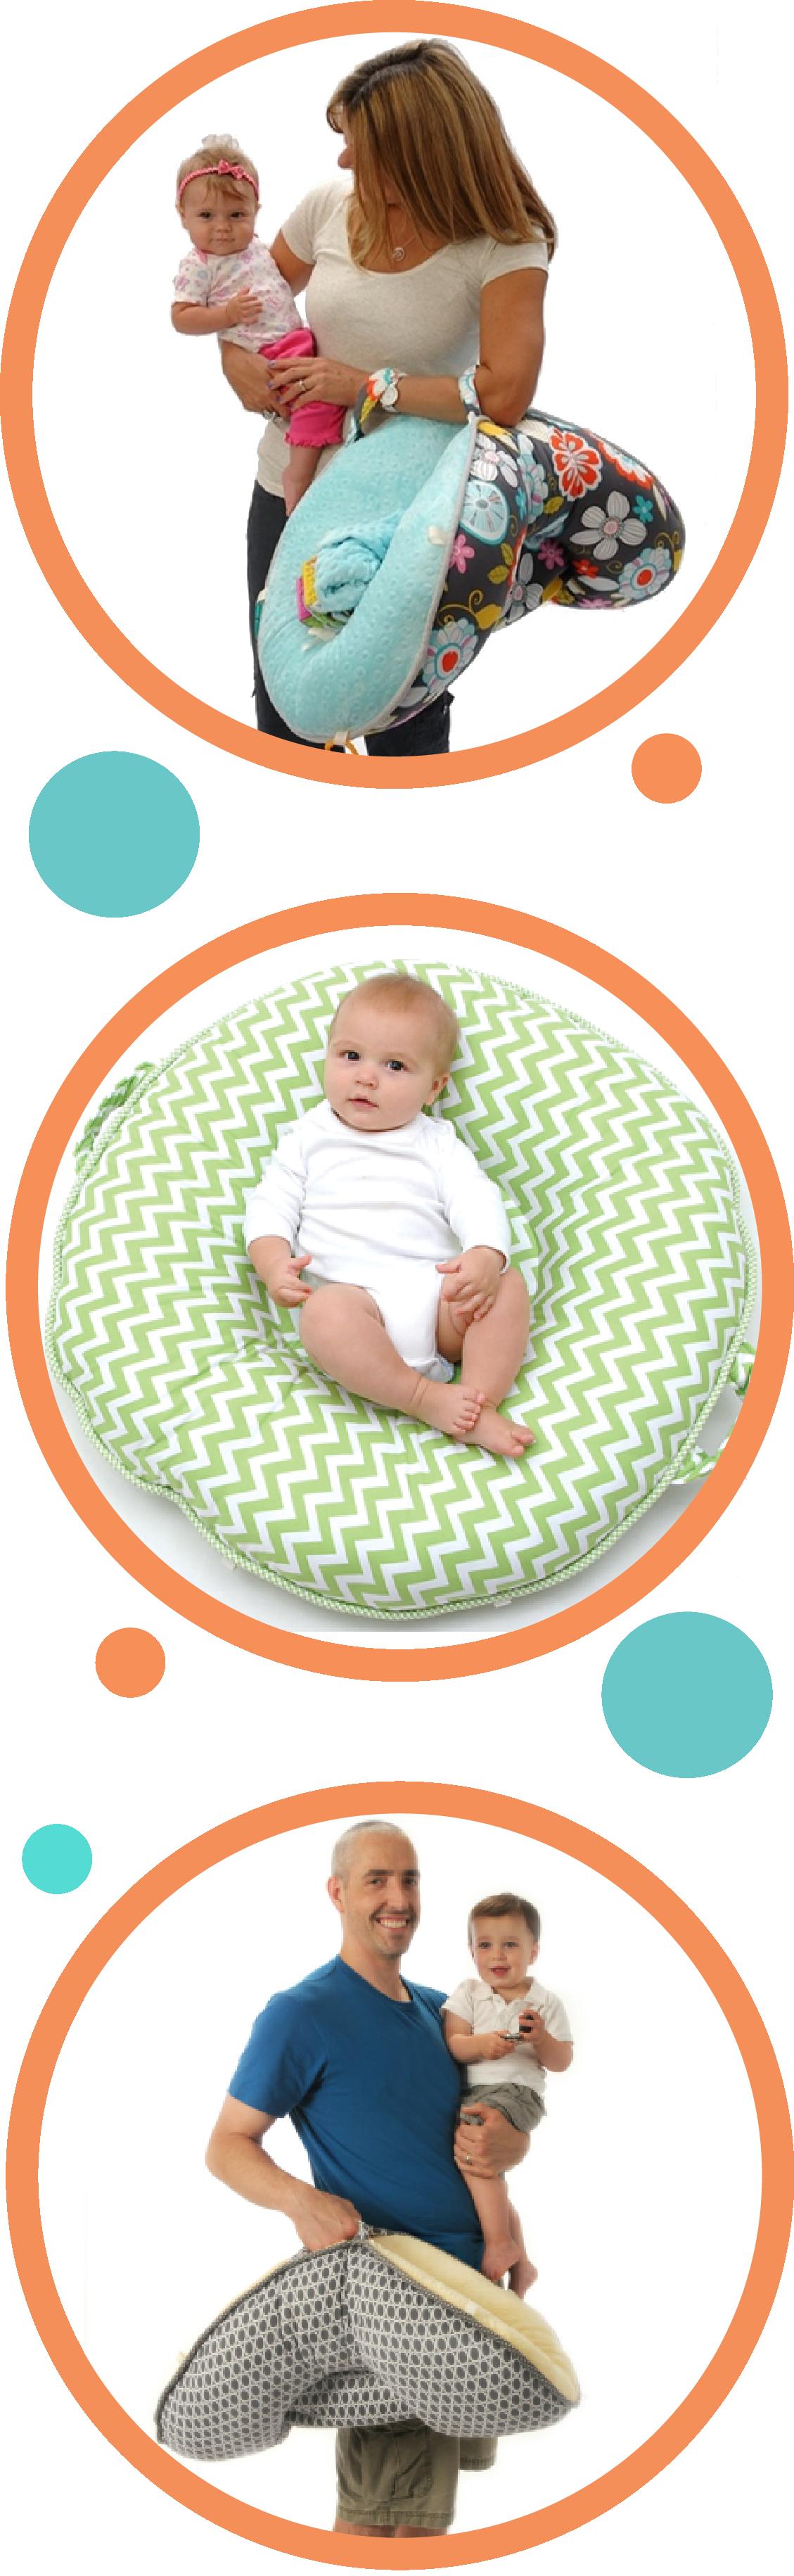 pello - luxe floor pillows | Baby Time | Pinterest | Floor pillows ...